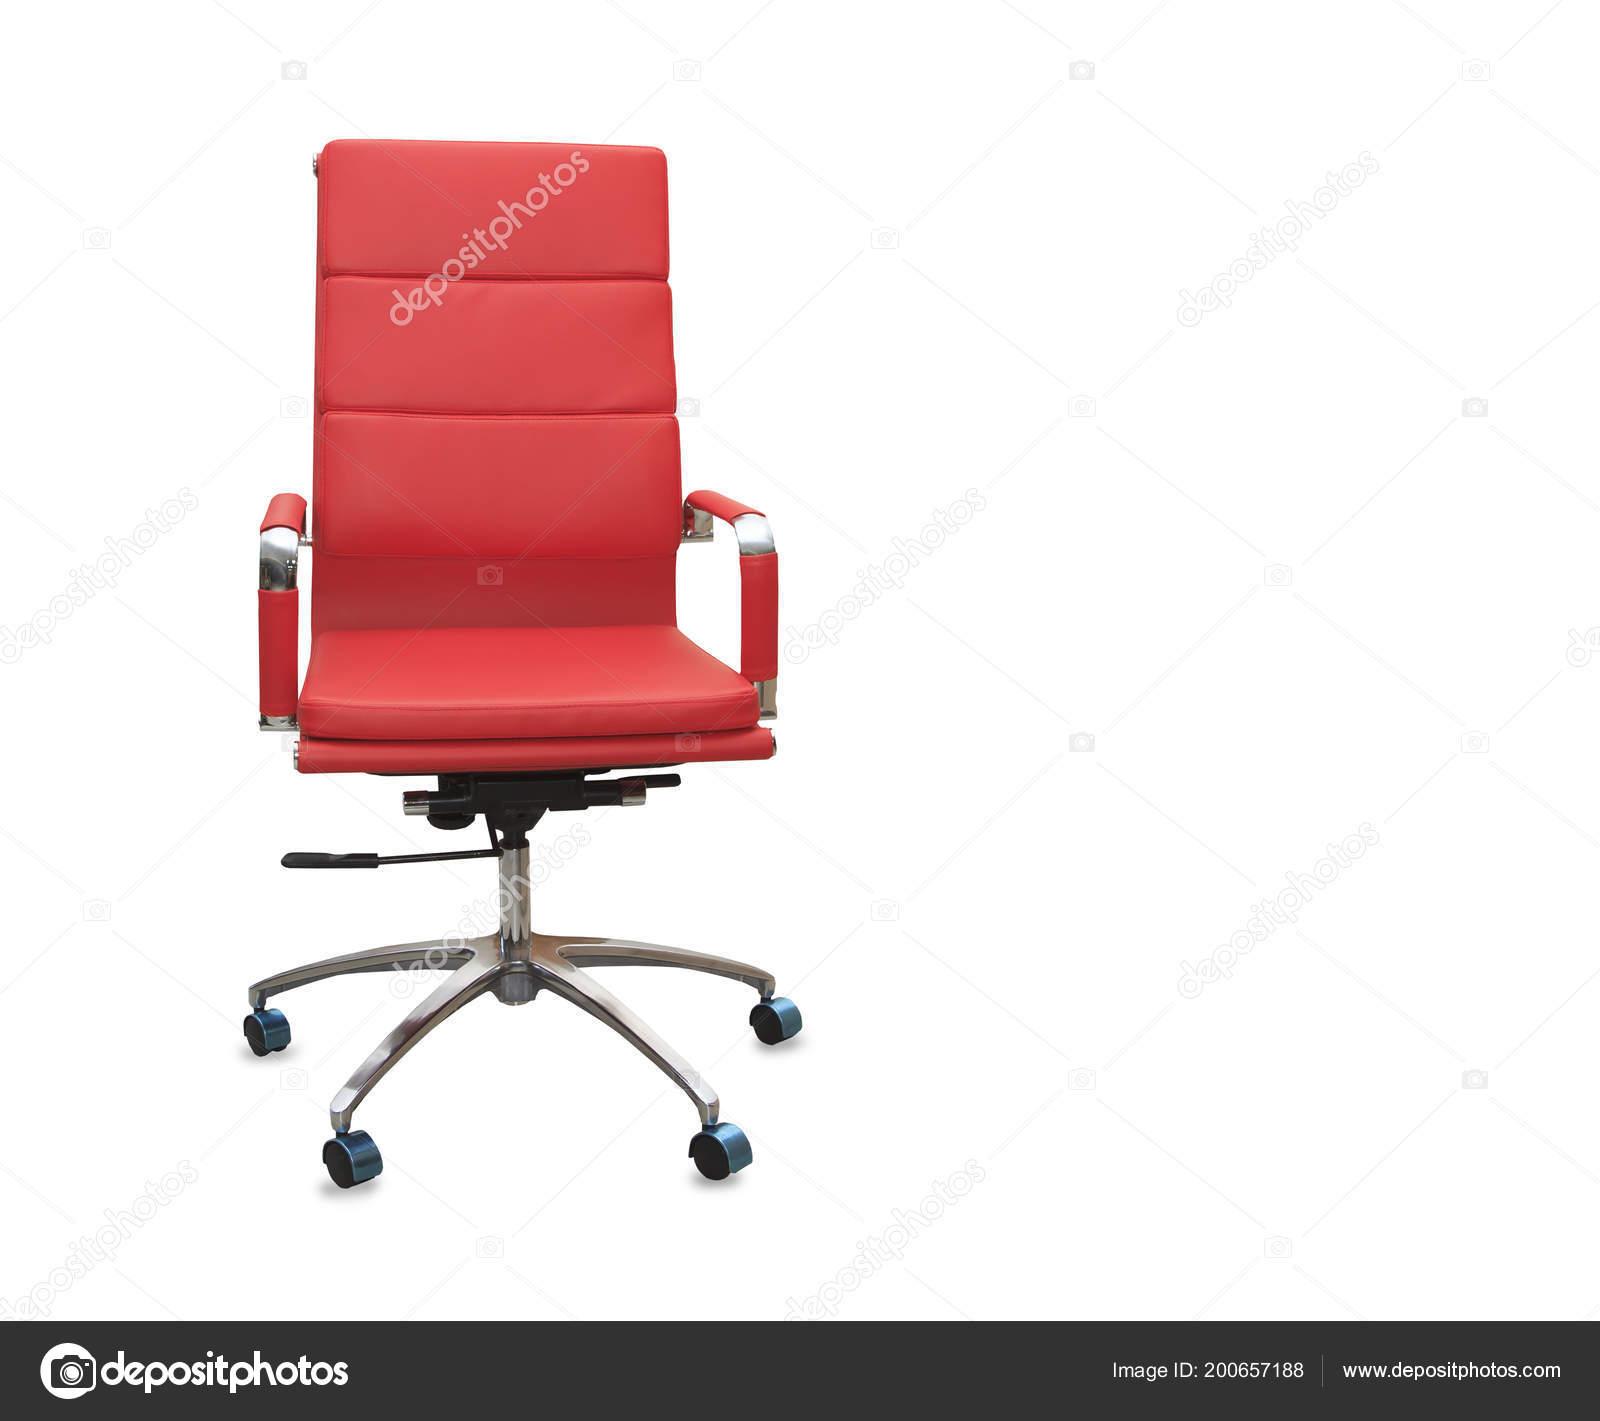 Chaise Bureau Moderne Cuir Rouge Isole Images De Stock Libres Droits